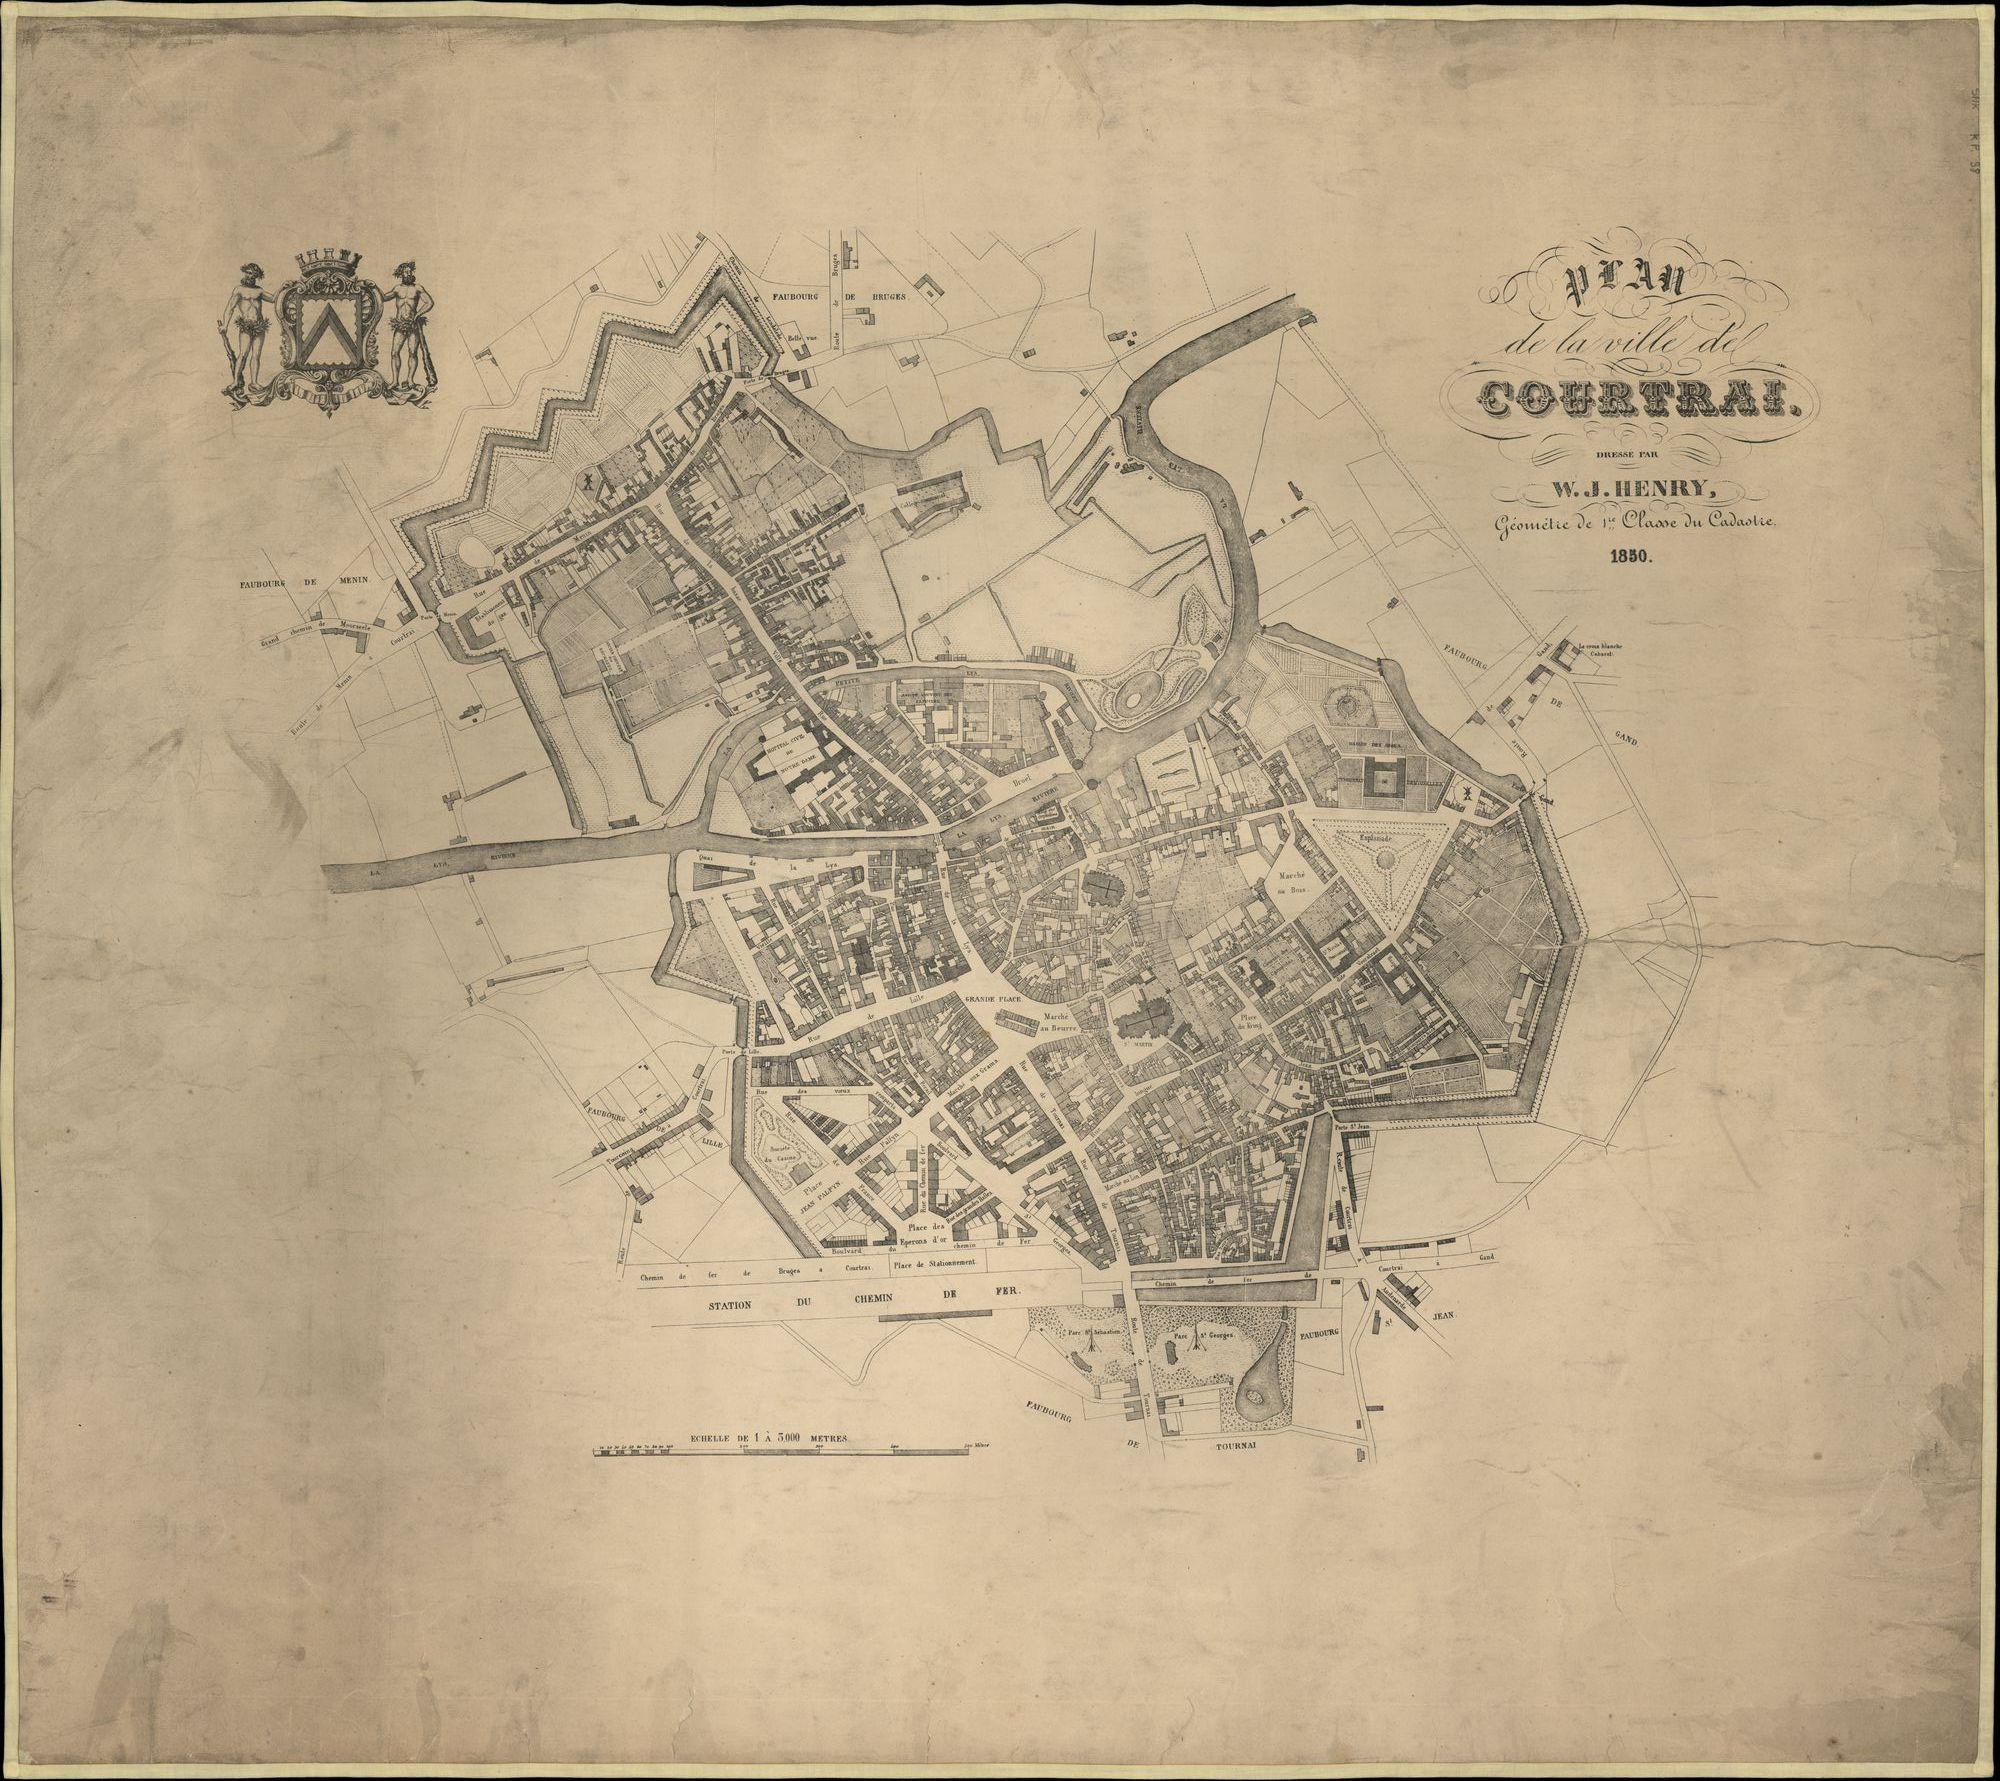 Plattegrond van de stad Kortrijk, opgemaakt door W.J. Henry, landmeter van het kadaster, 1850